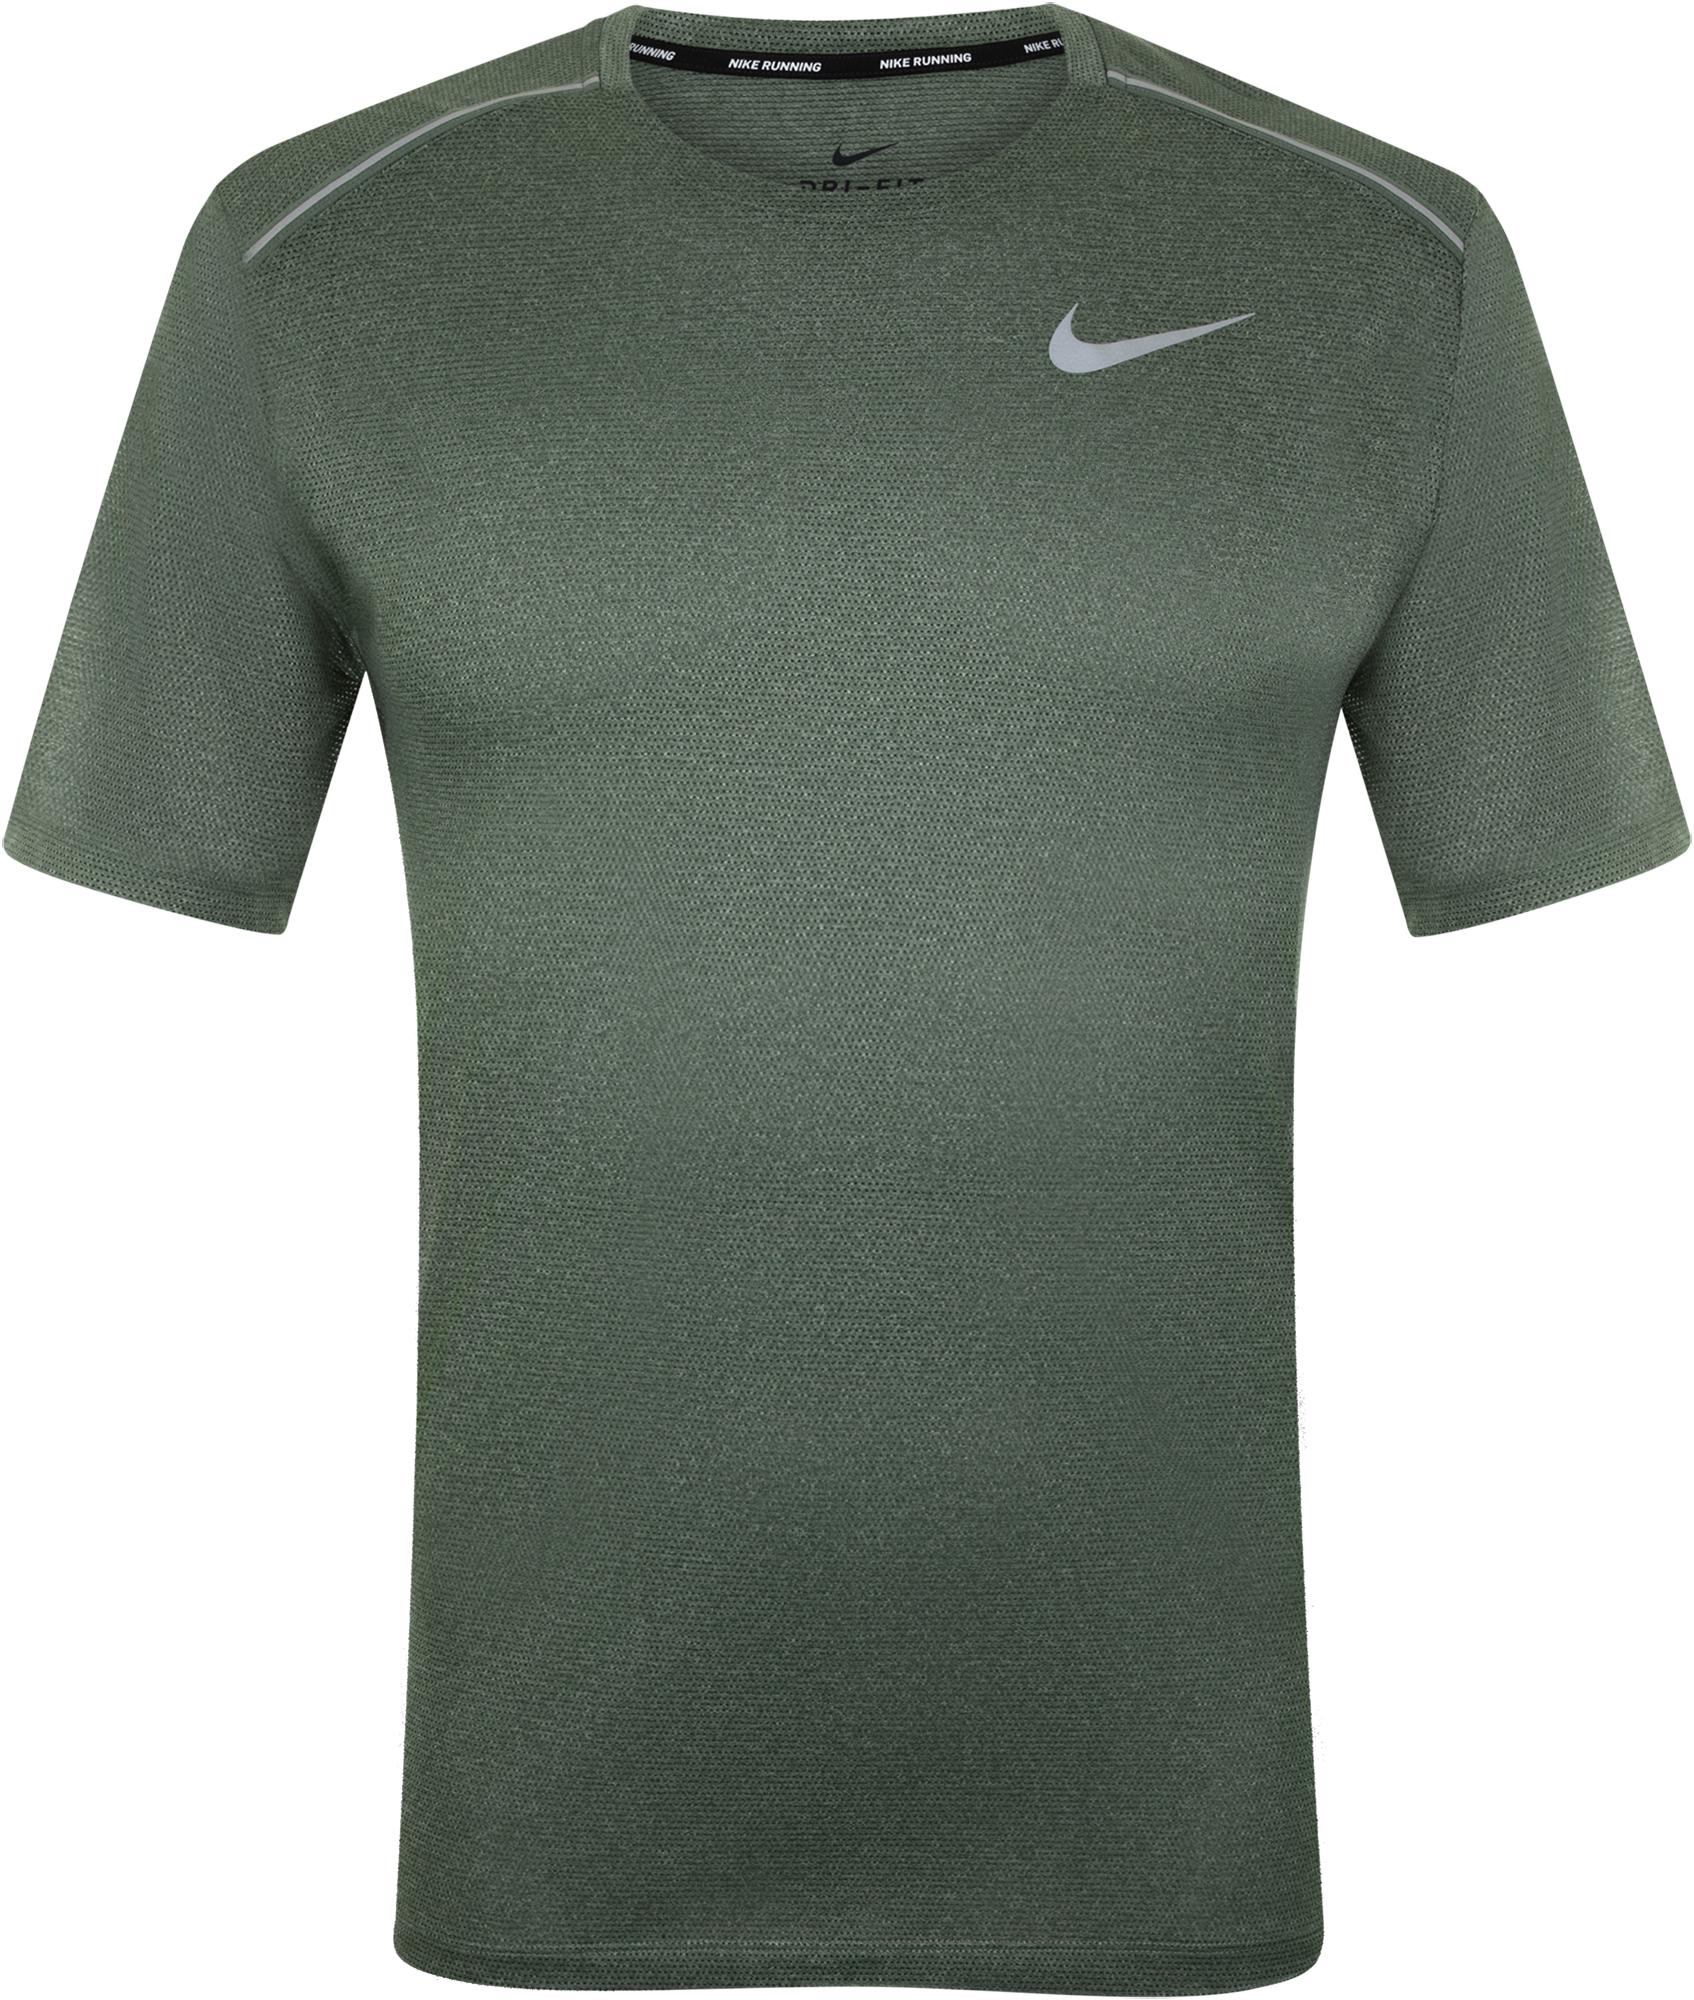 Nike Футболка мужская Dry Cool Miler, размер 44-46